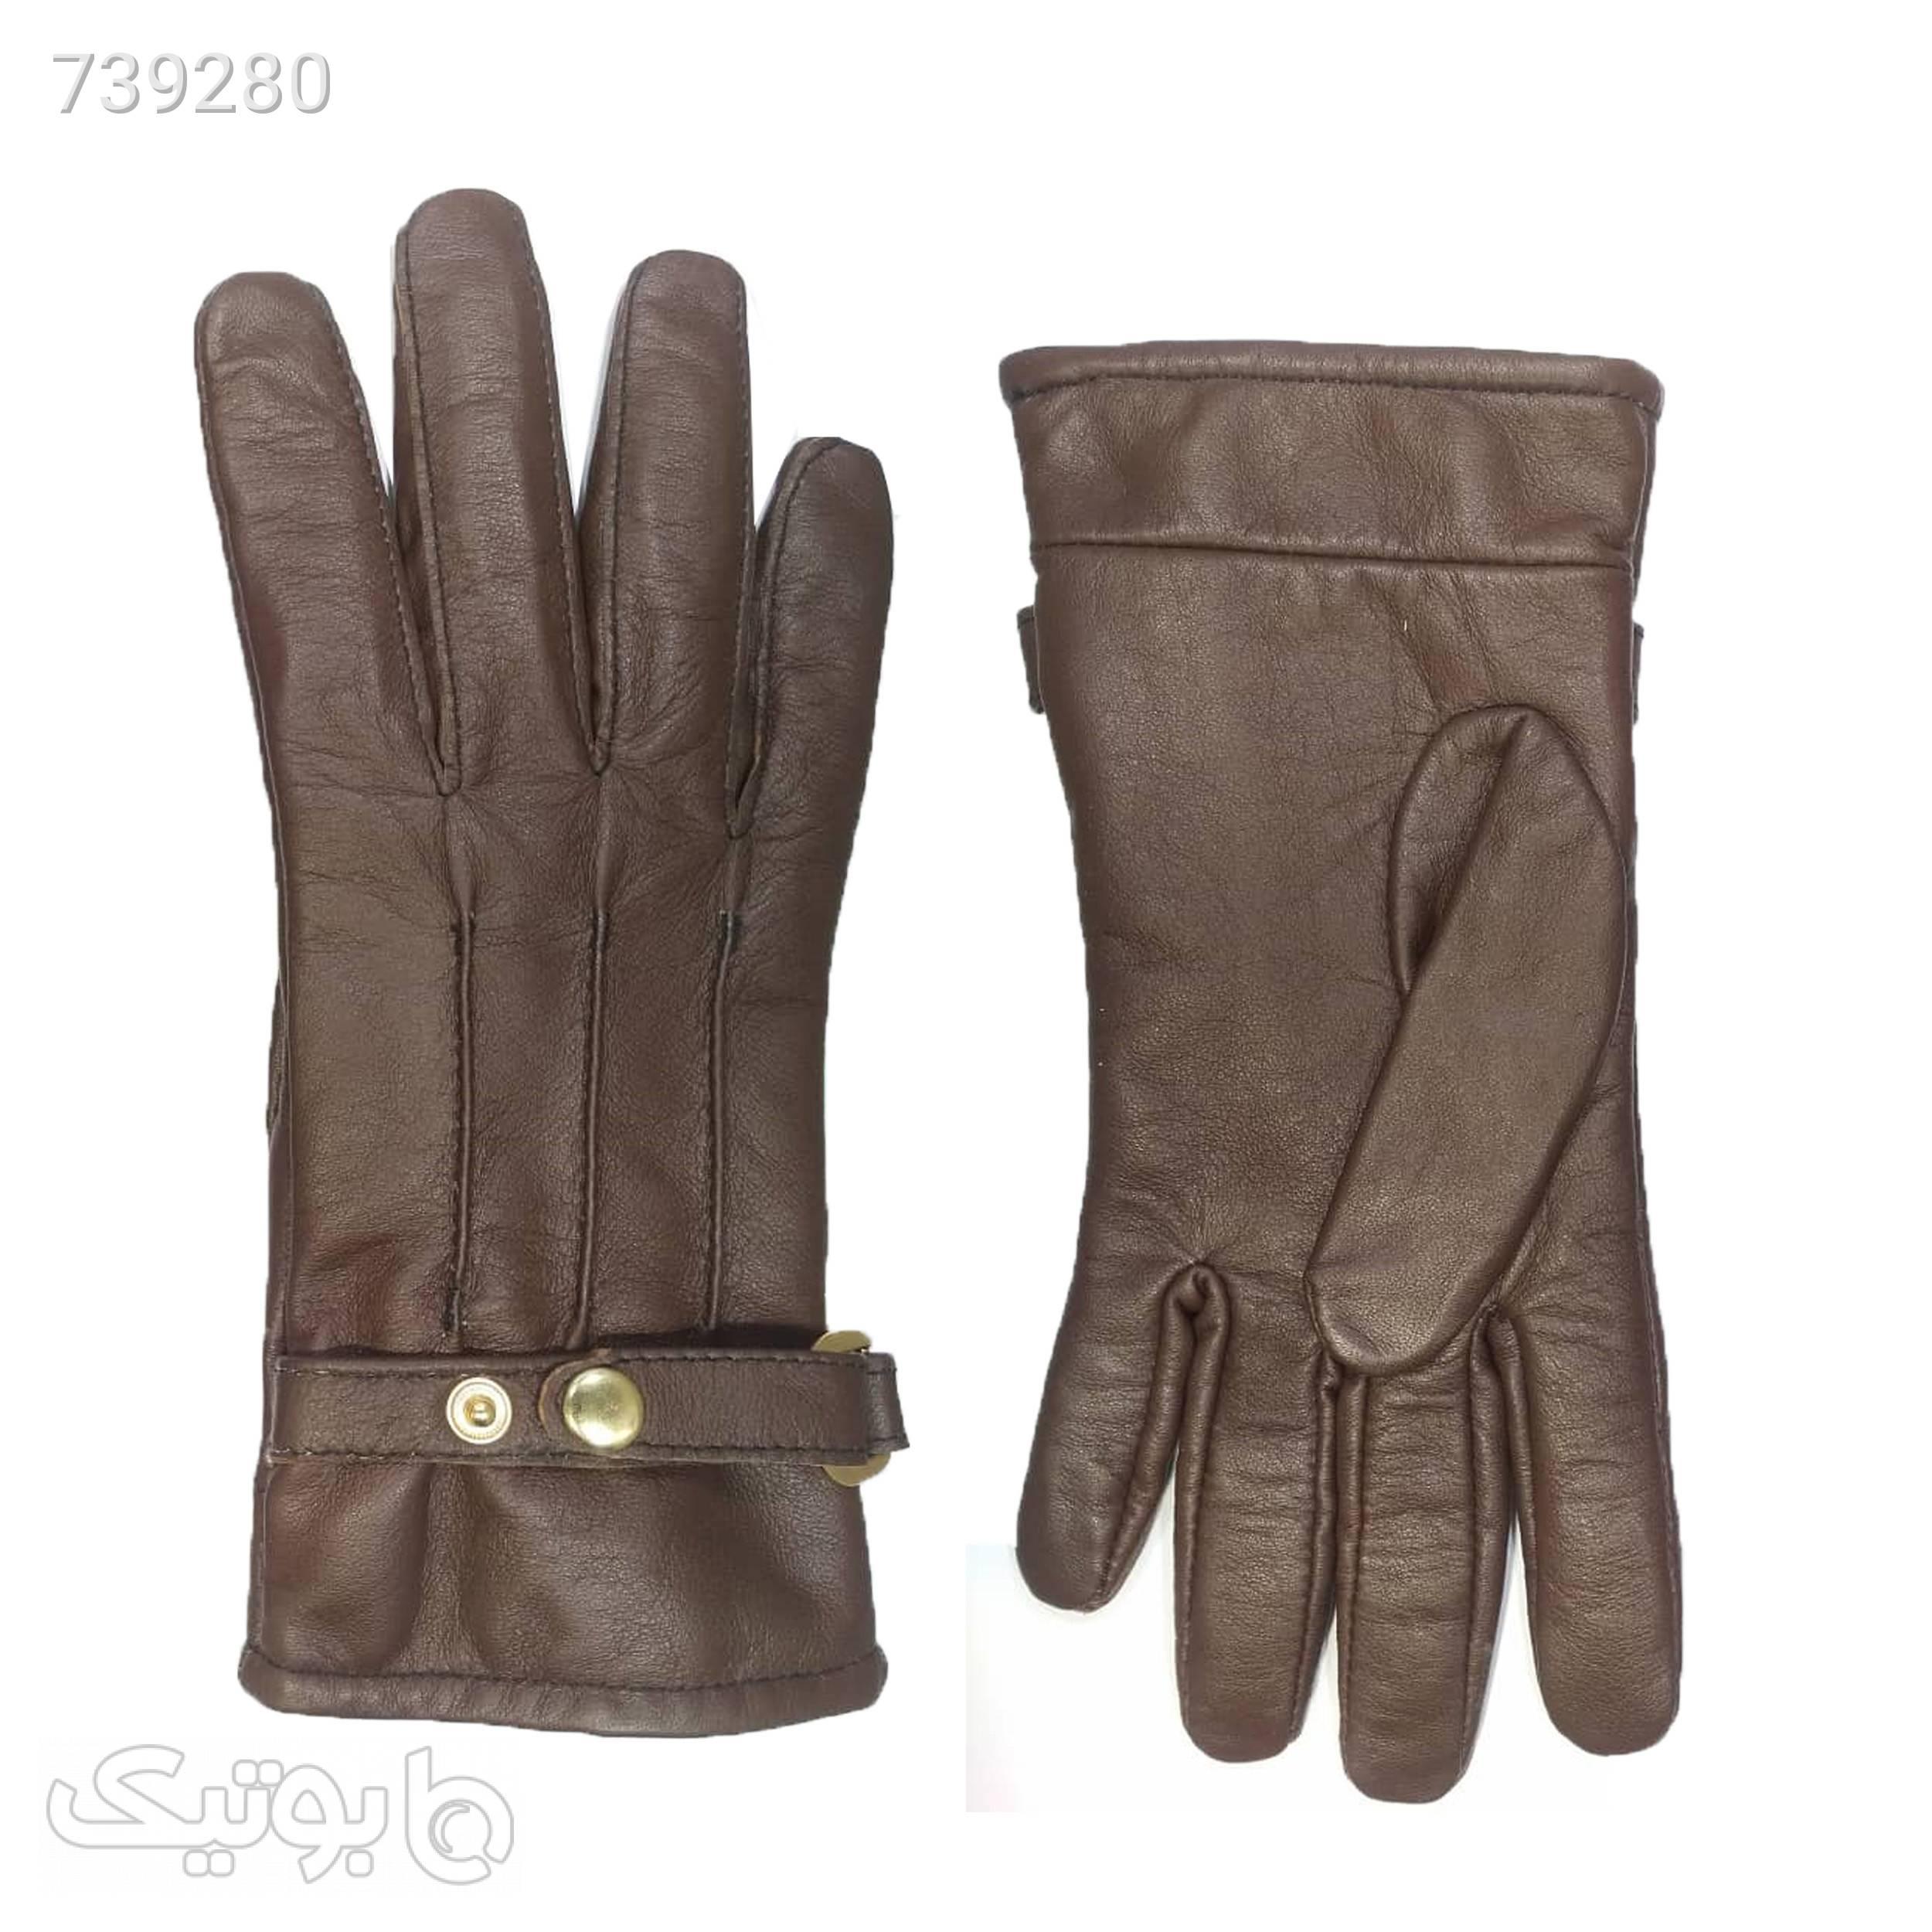 دستکش زمستانی مدل Da 569 قهوه ای کلاه بافت و شال گردن و دستکش